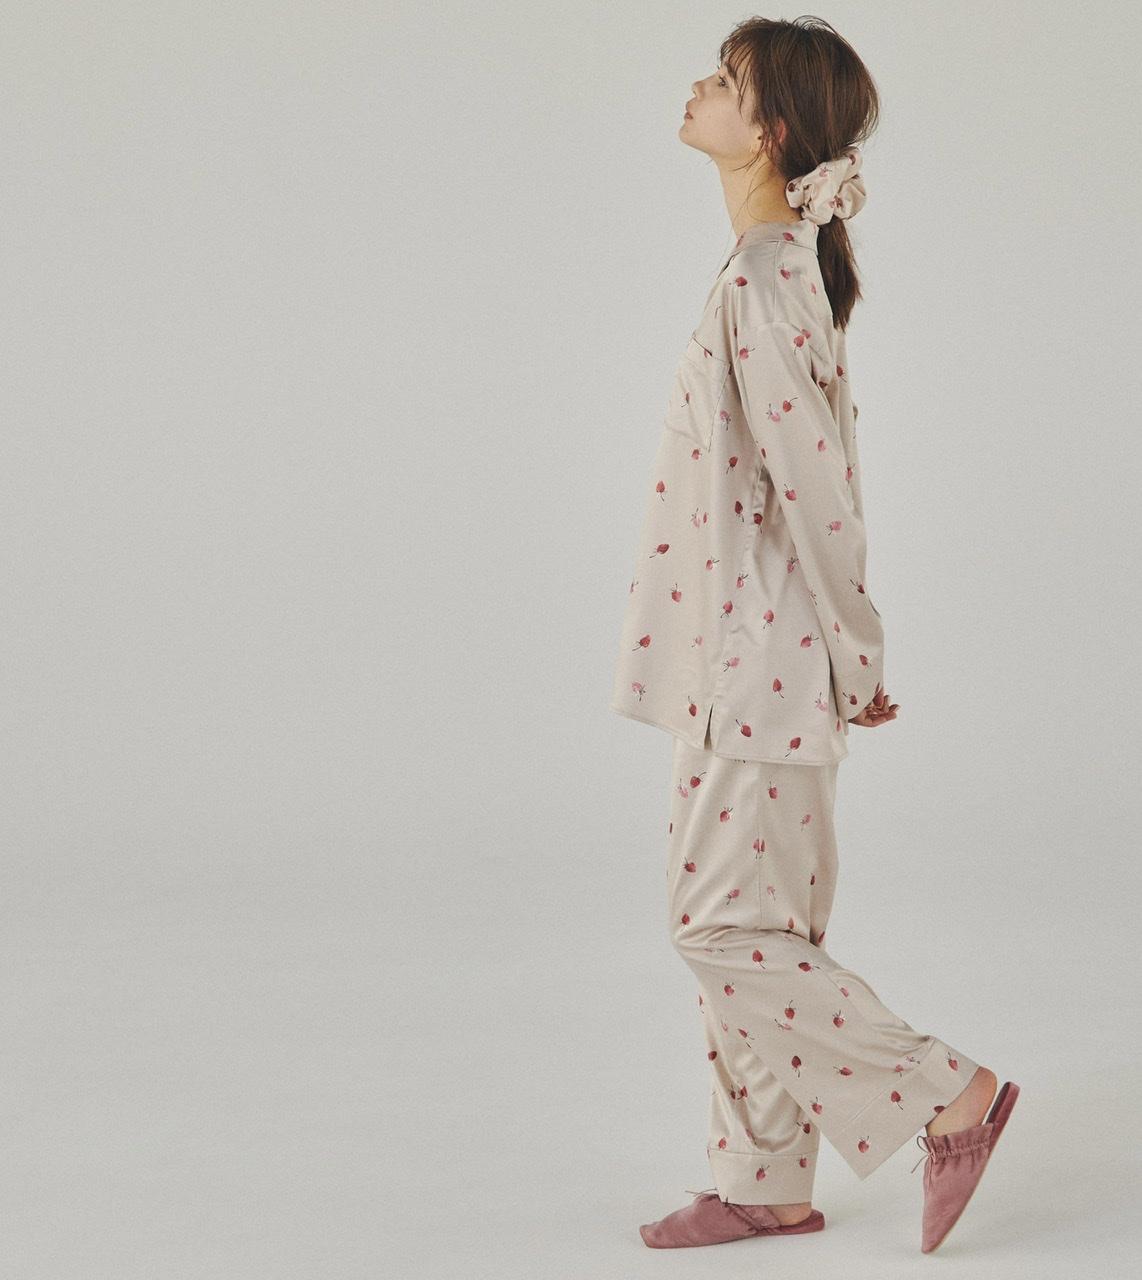 ジェラートピケバレンタイン限定コレクションのパジャマ